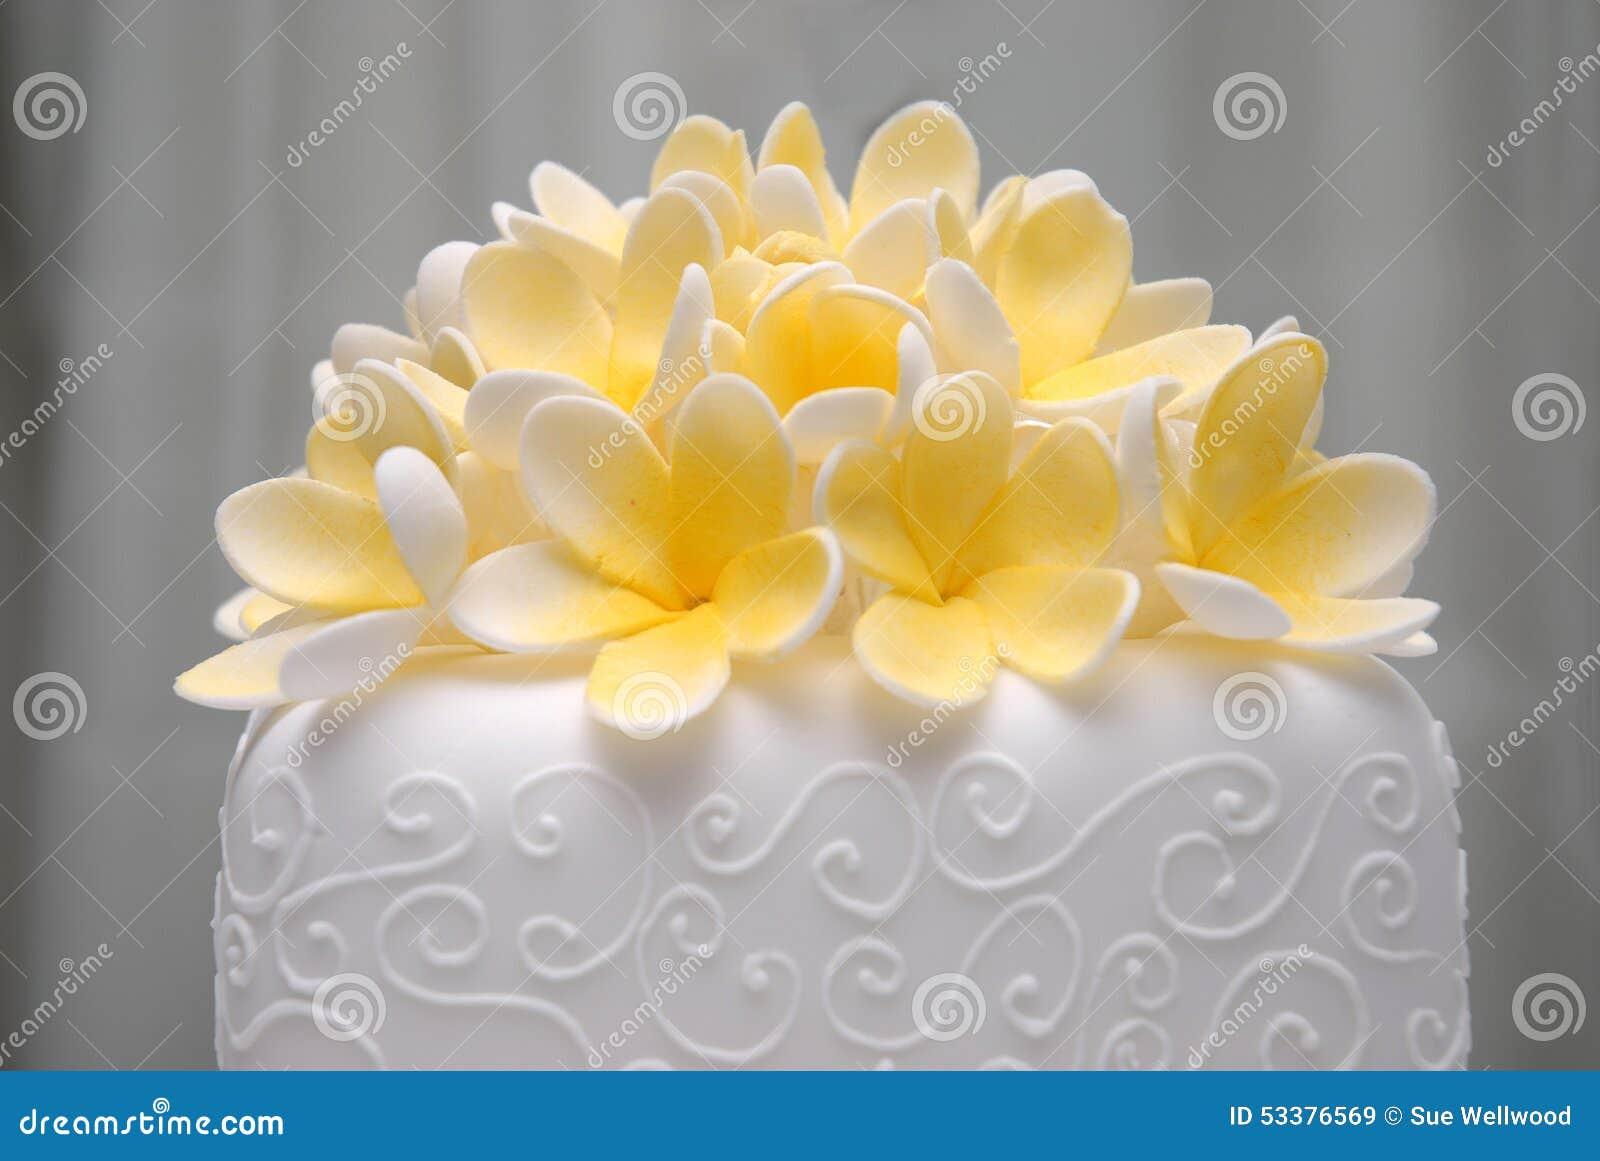 Frangapani wedding cake stock image. Image of luxury - 53376569